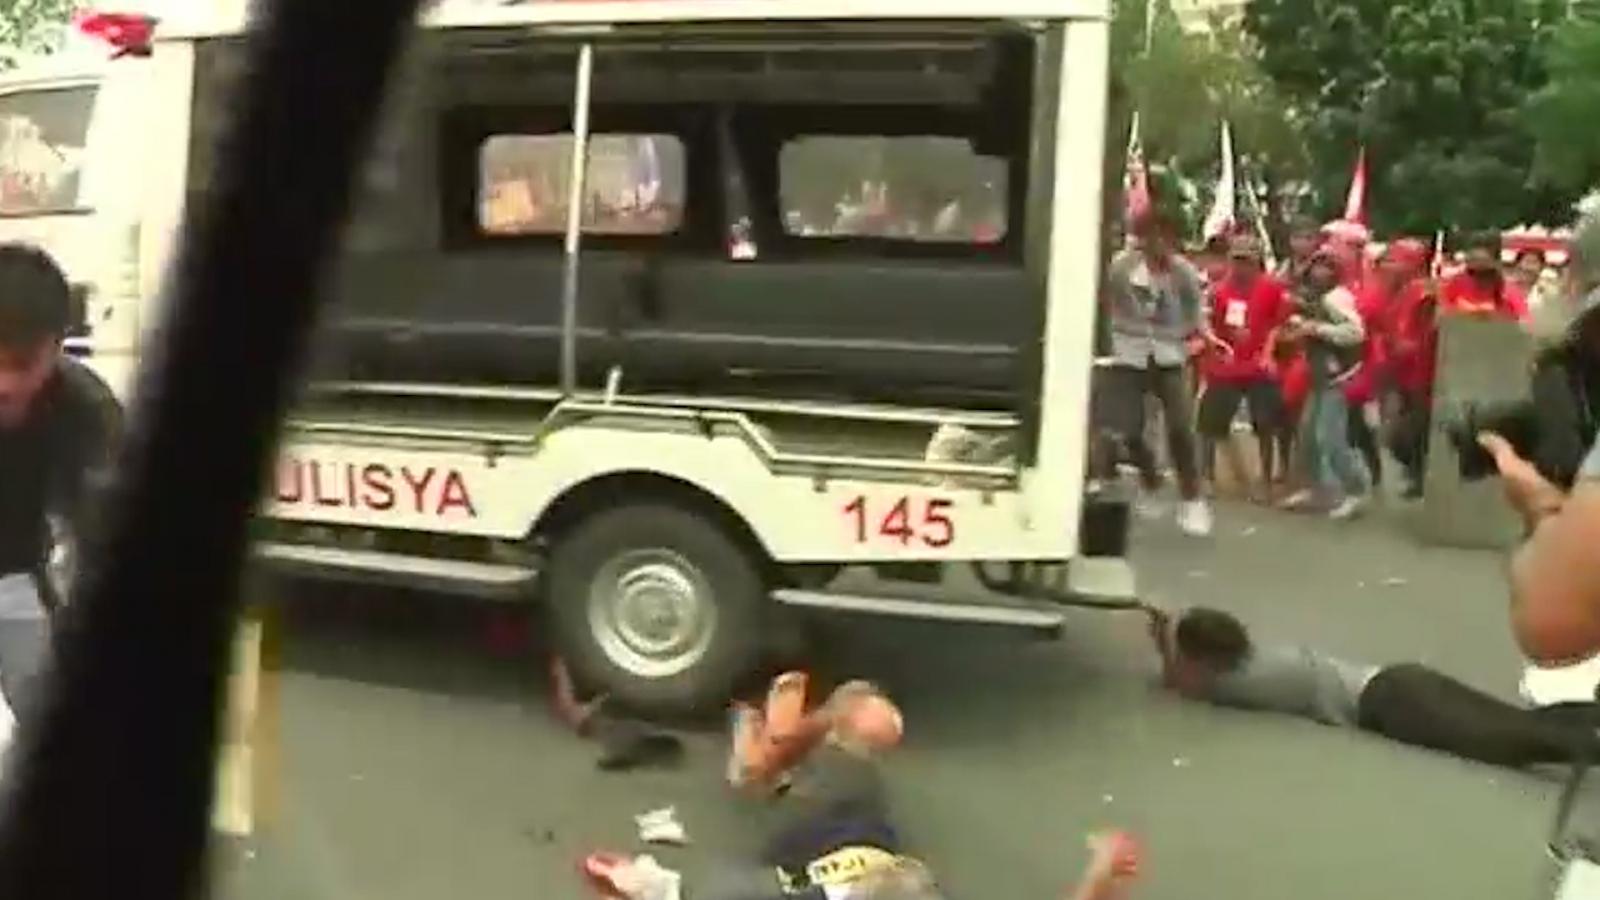 Police use van as battering ram